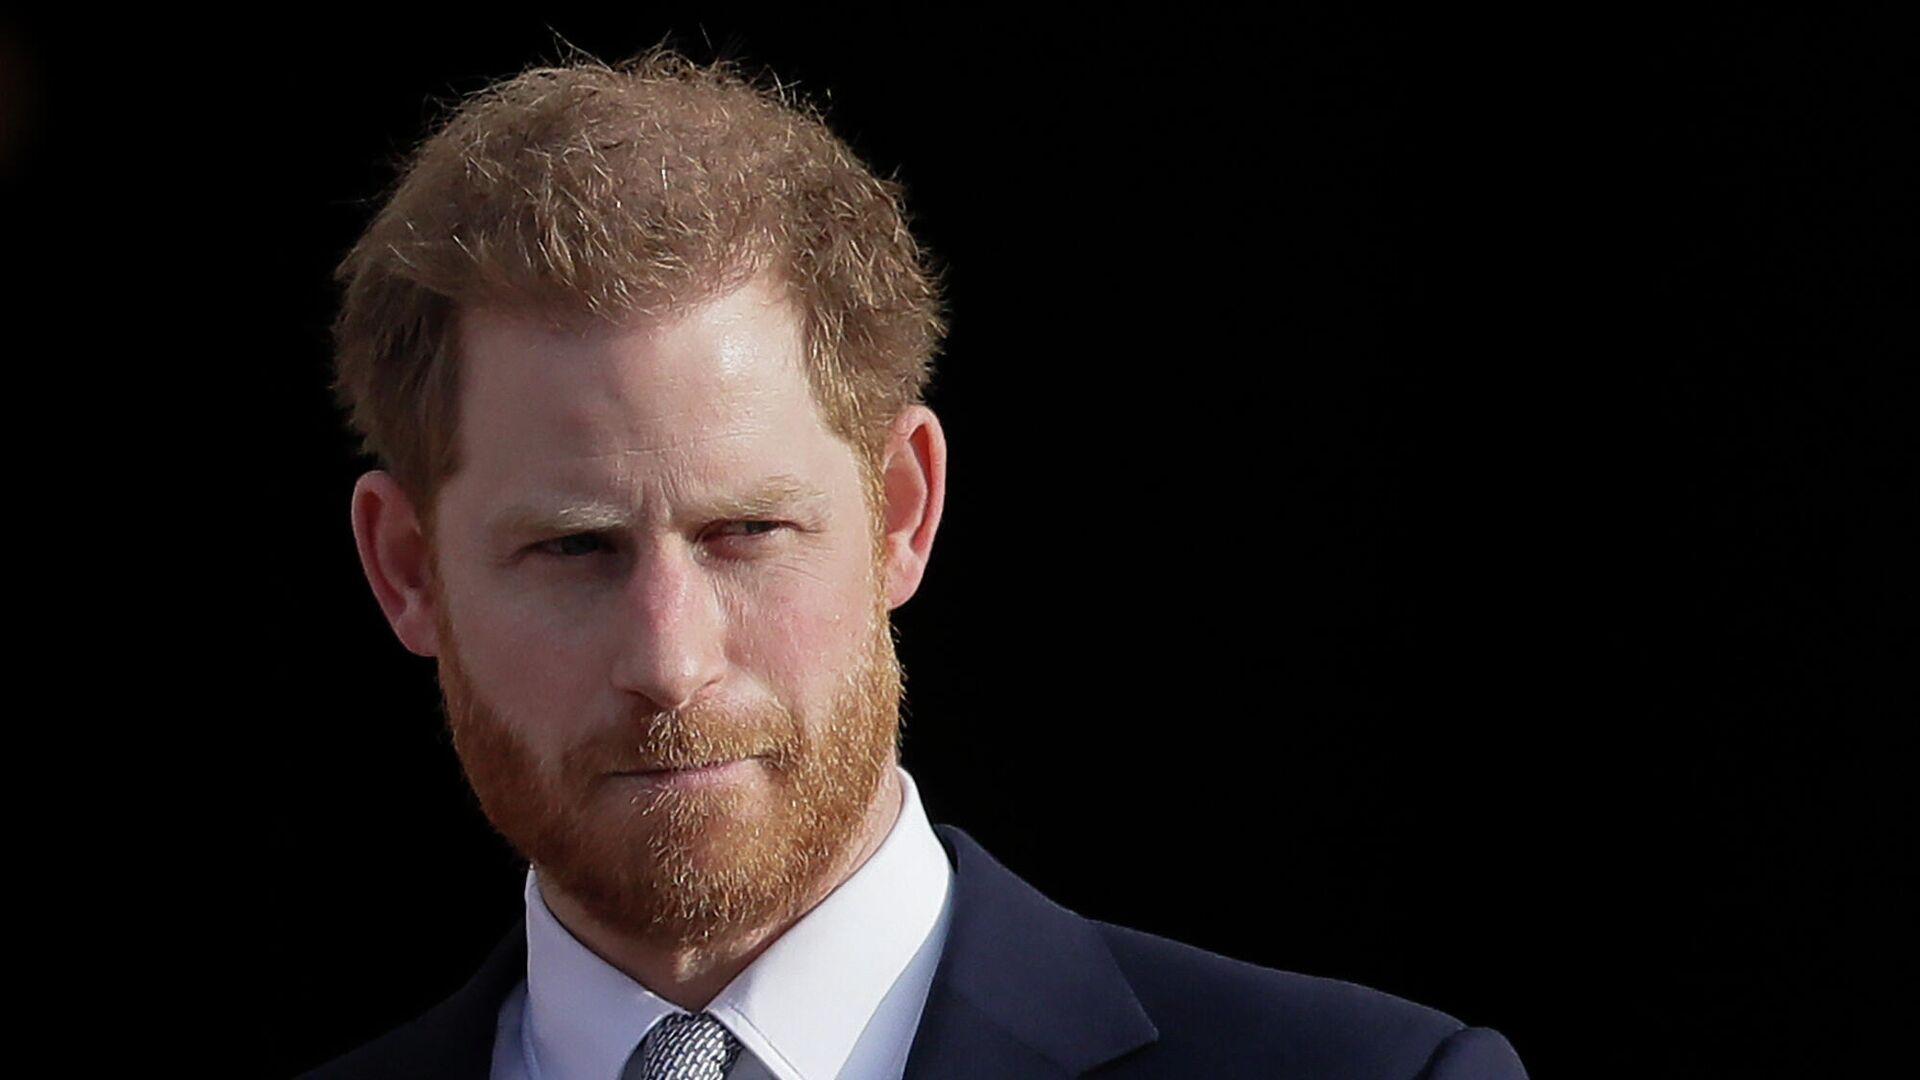 Британский принц Гарри в Букингемском дворце в Лондоне - РИА Новости, 1920, 21.07.2021